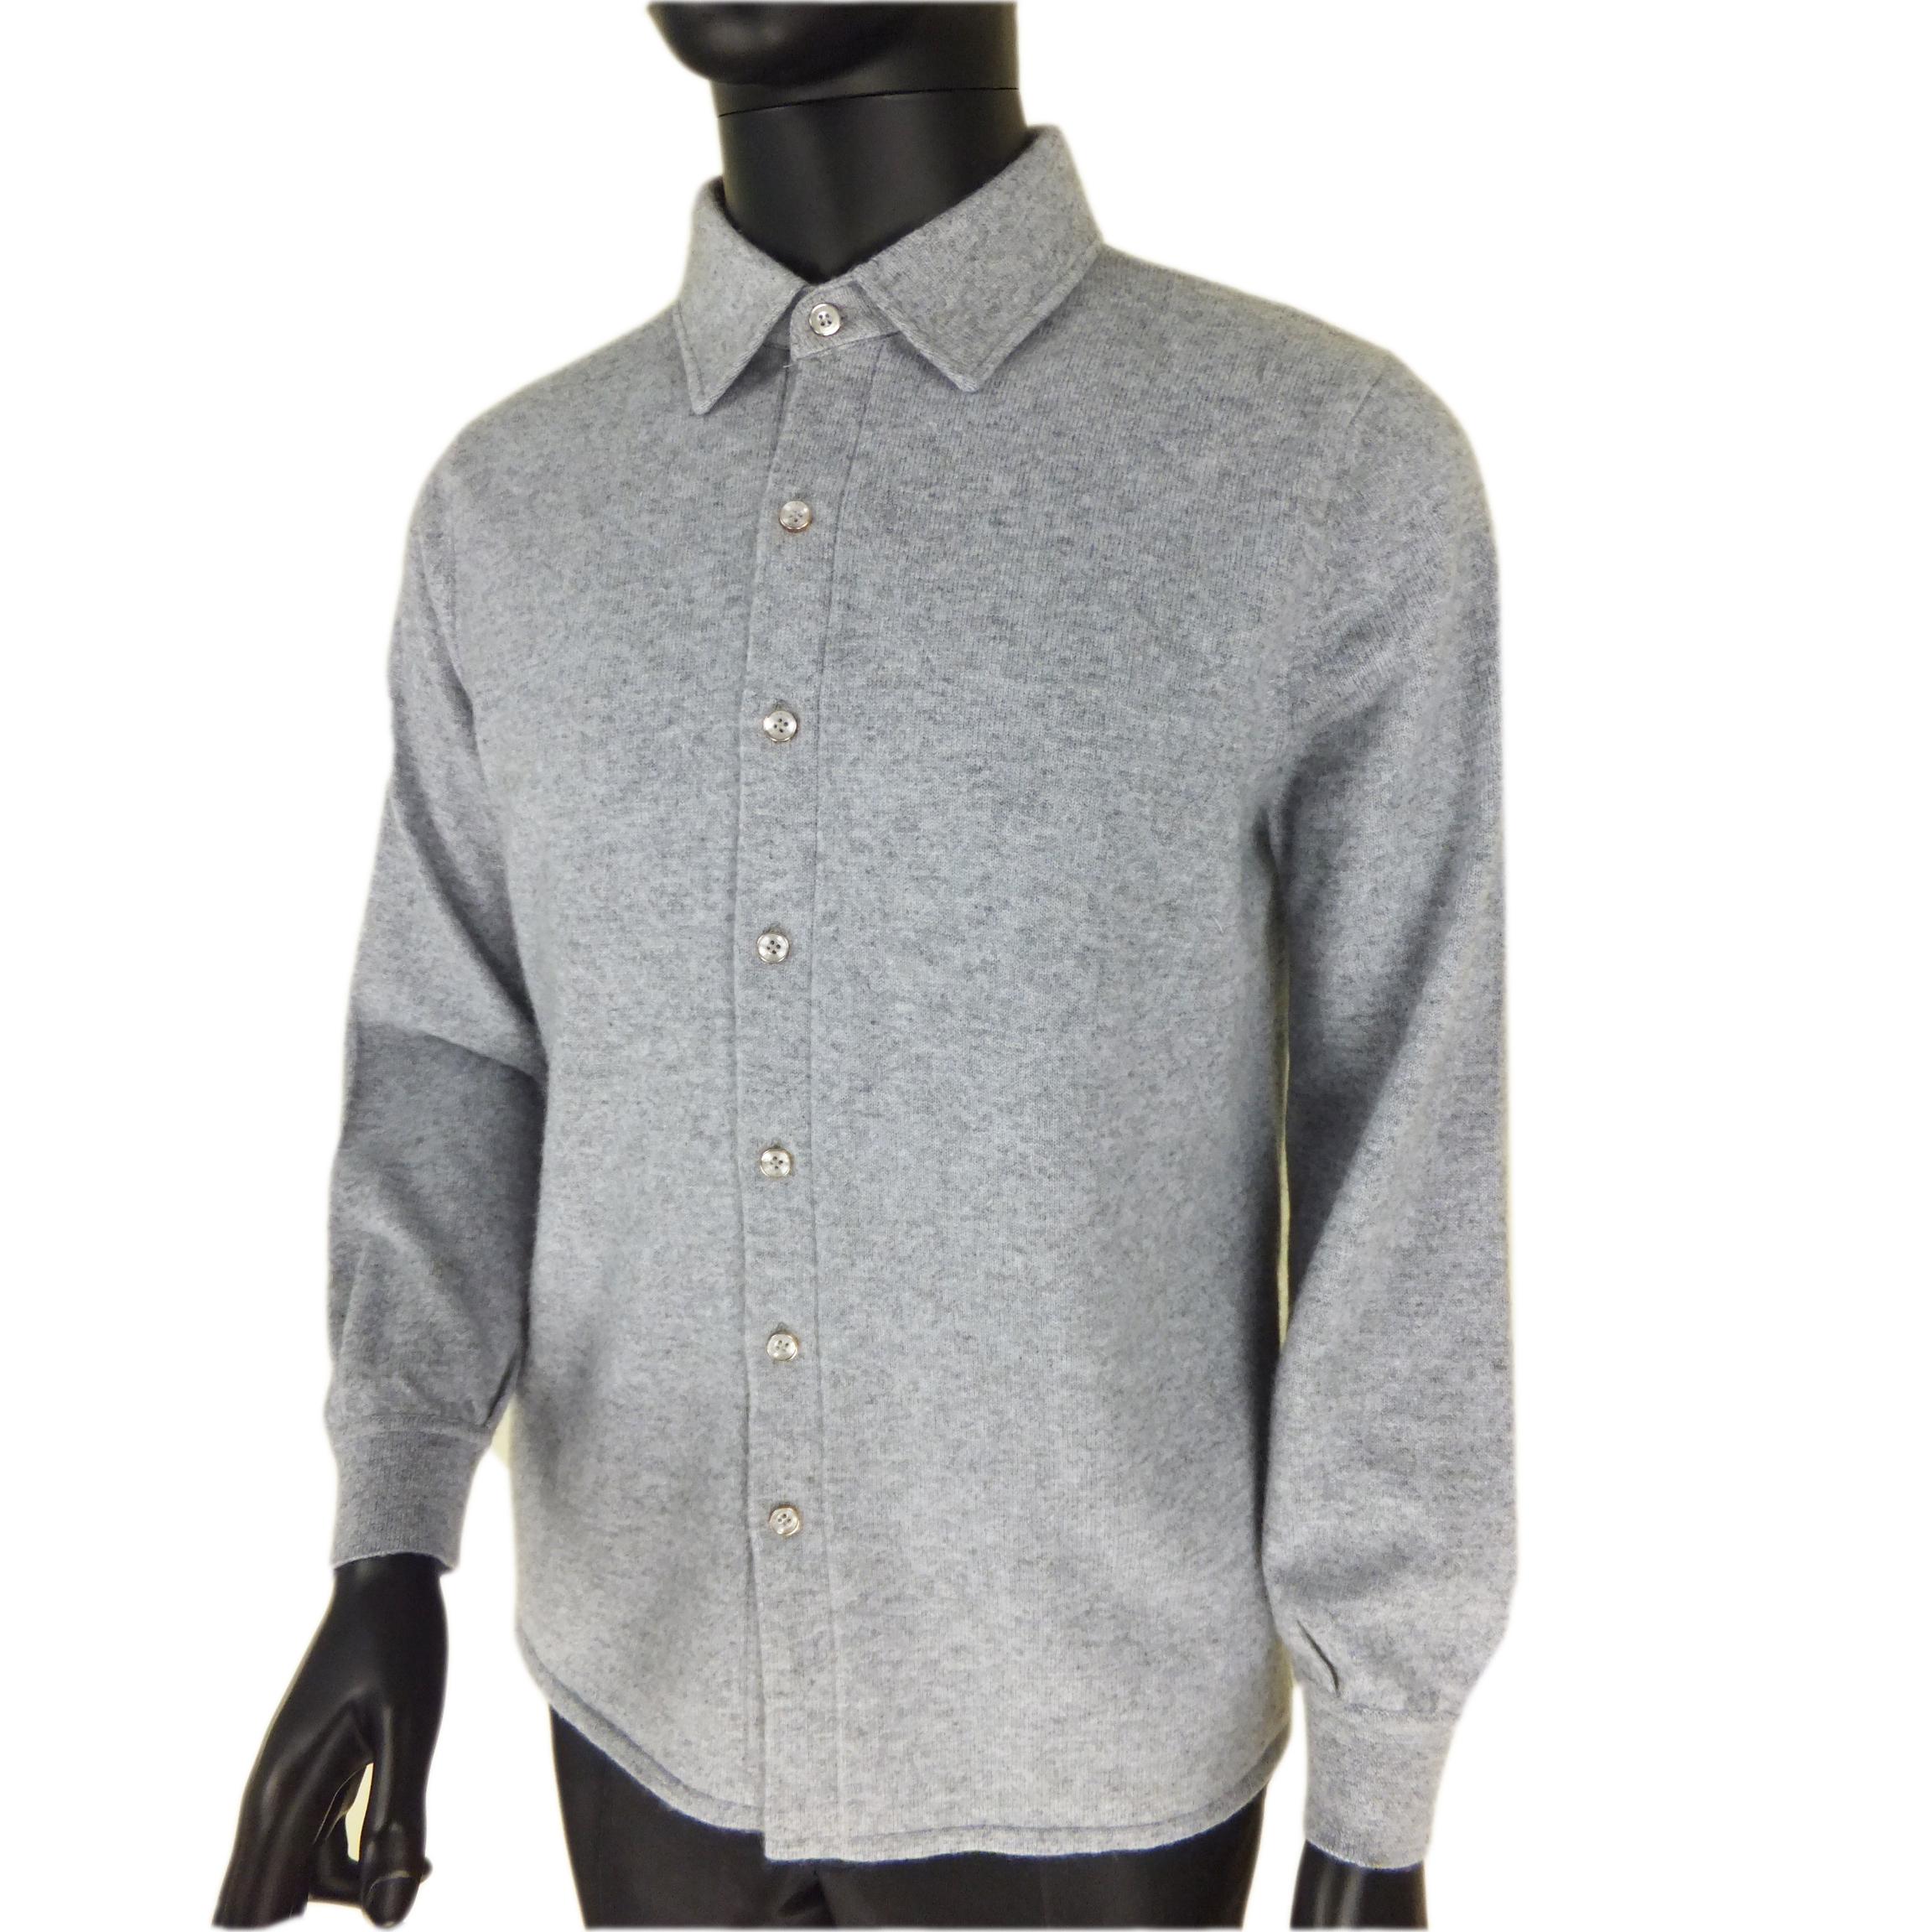 Mùa thu mới trung niên tinh khiết cashmere áo sơ mi nam dài tay Slim len cardigan của nam giới kinh doanh miễn phí hot Nội Mông Cổ